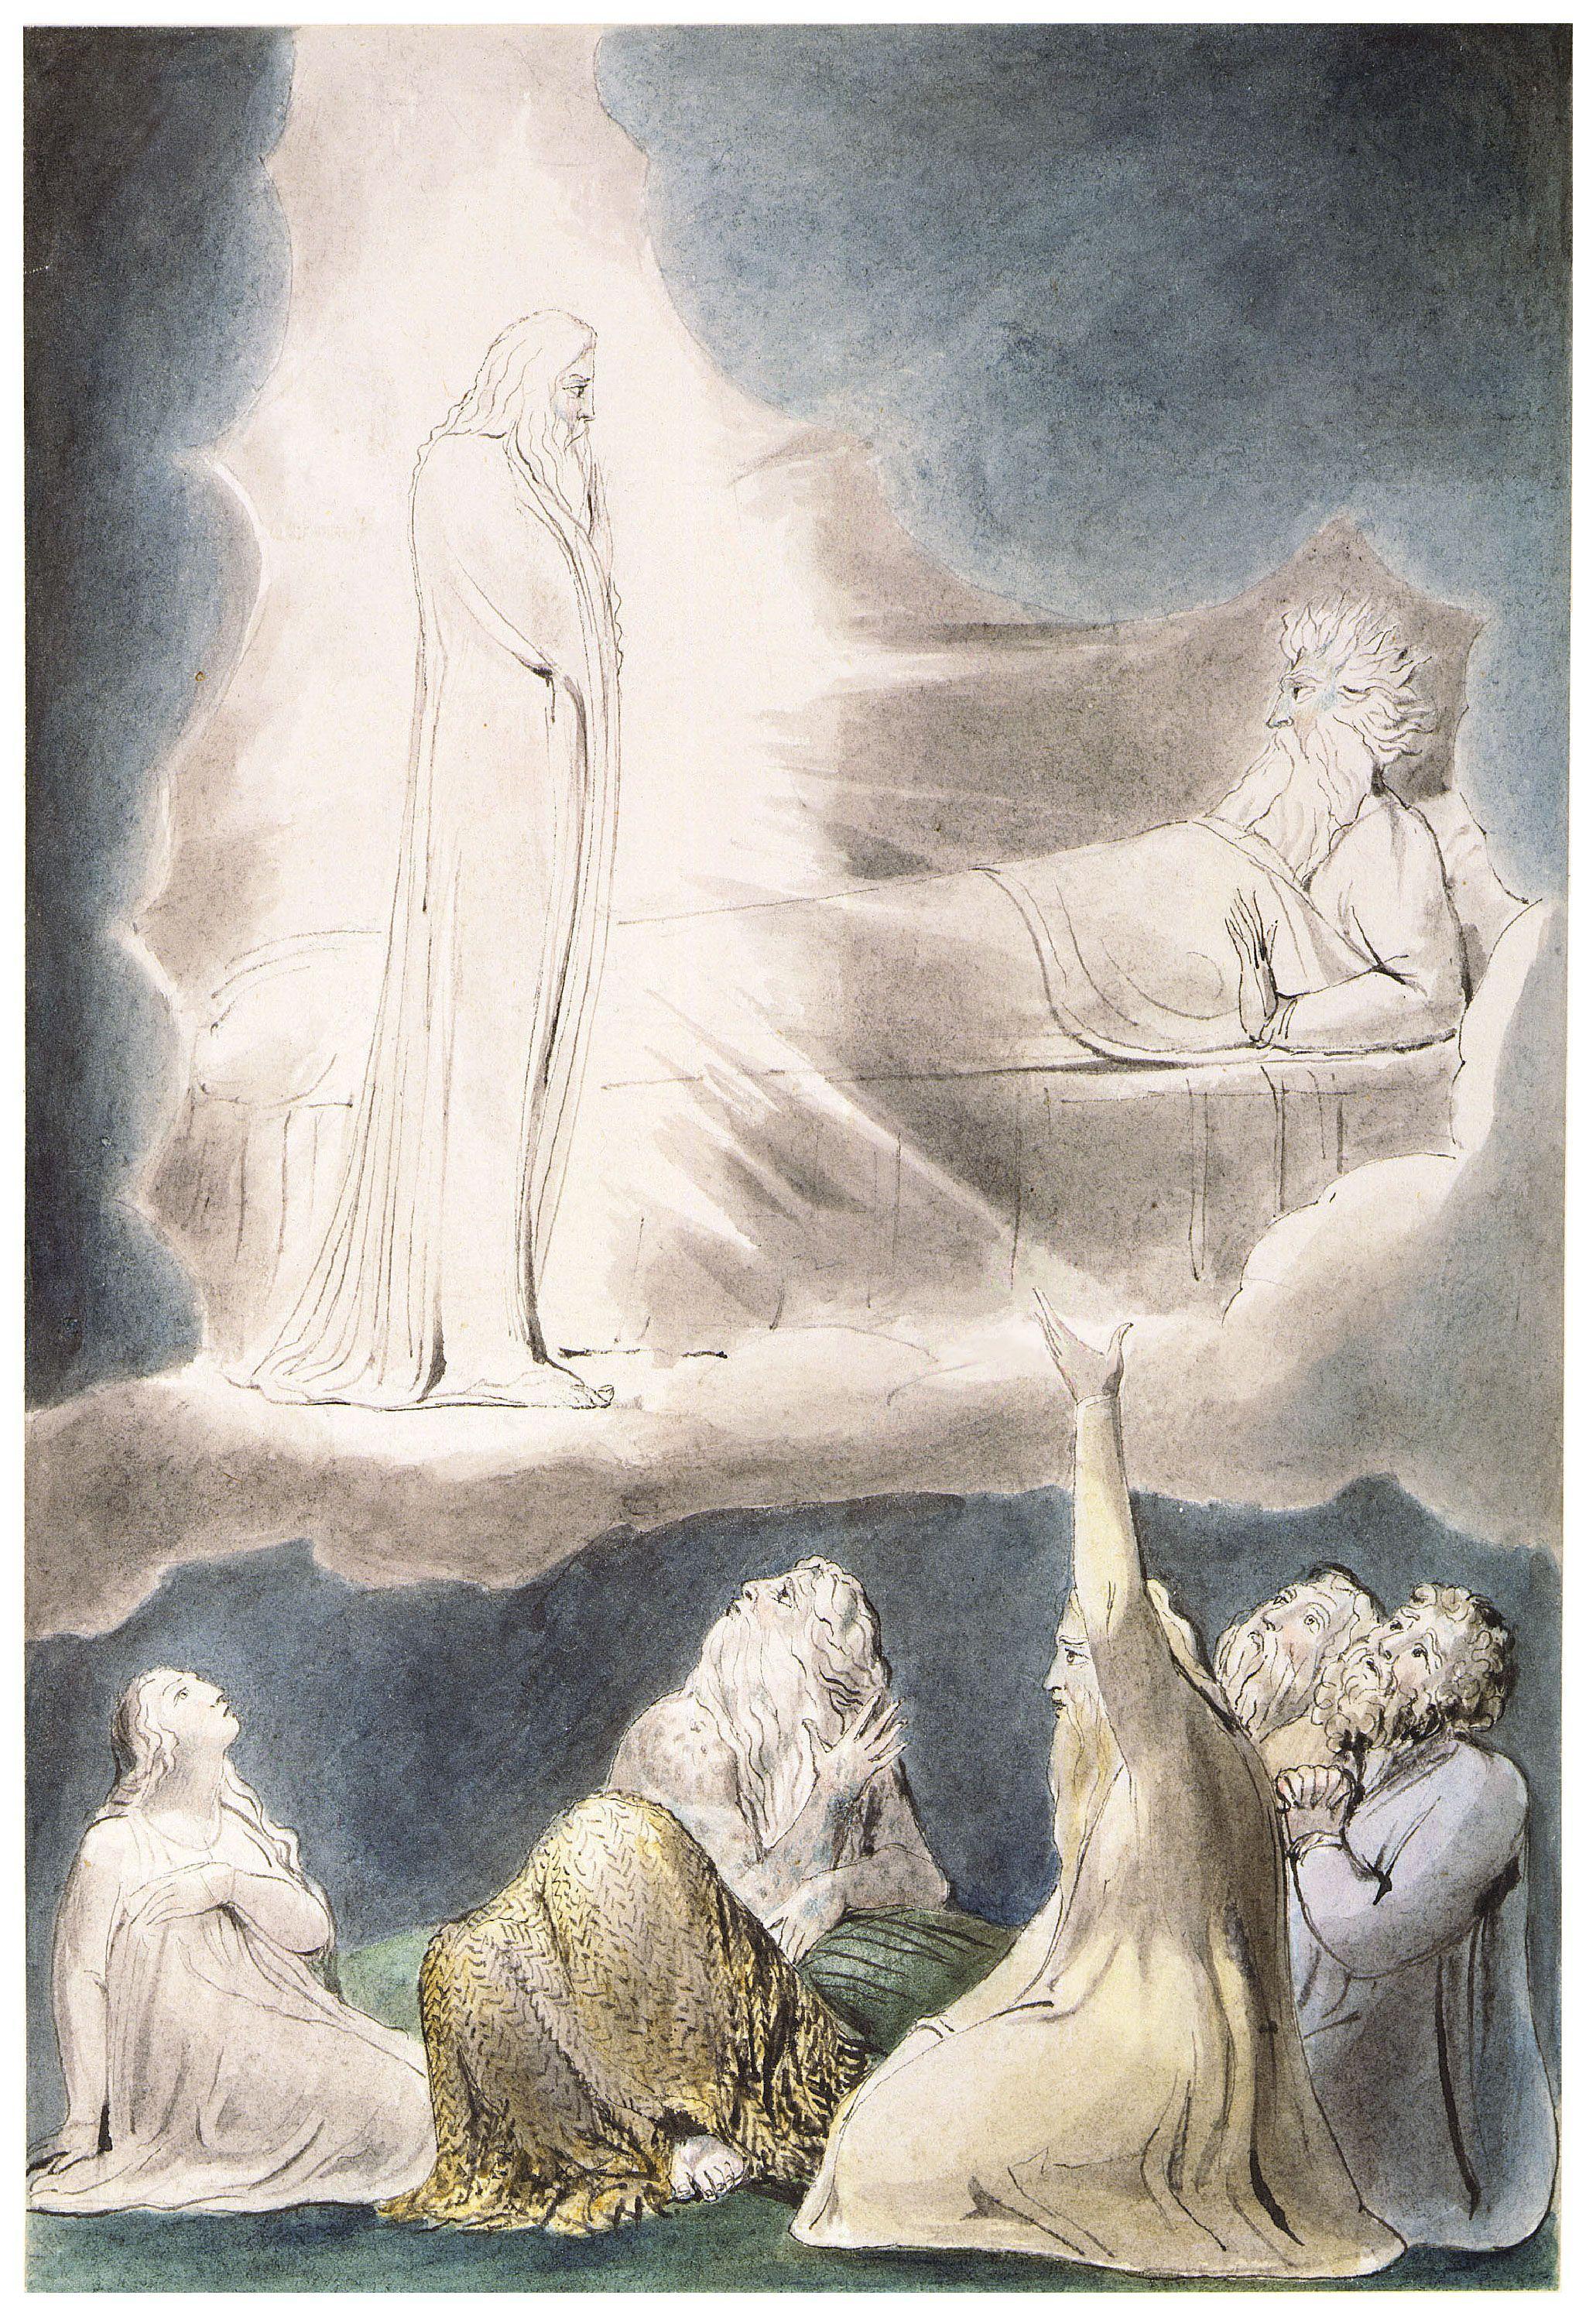 上图:英国诗人、画家威廉·布莱克(William Blake,1757-1827年)的版画《以利法的异象 The Vision of Eliphaz》,描绘「恐惧、战兢临到我身,使我百骨打战」(伯四14)。